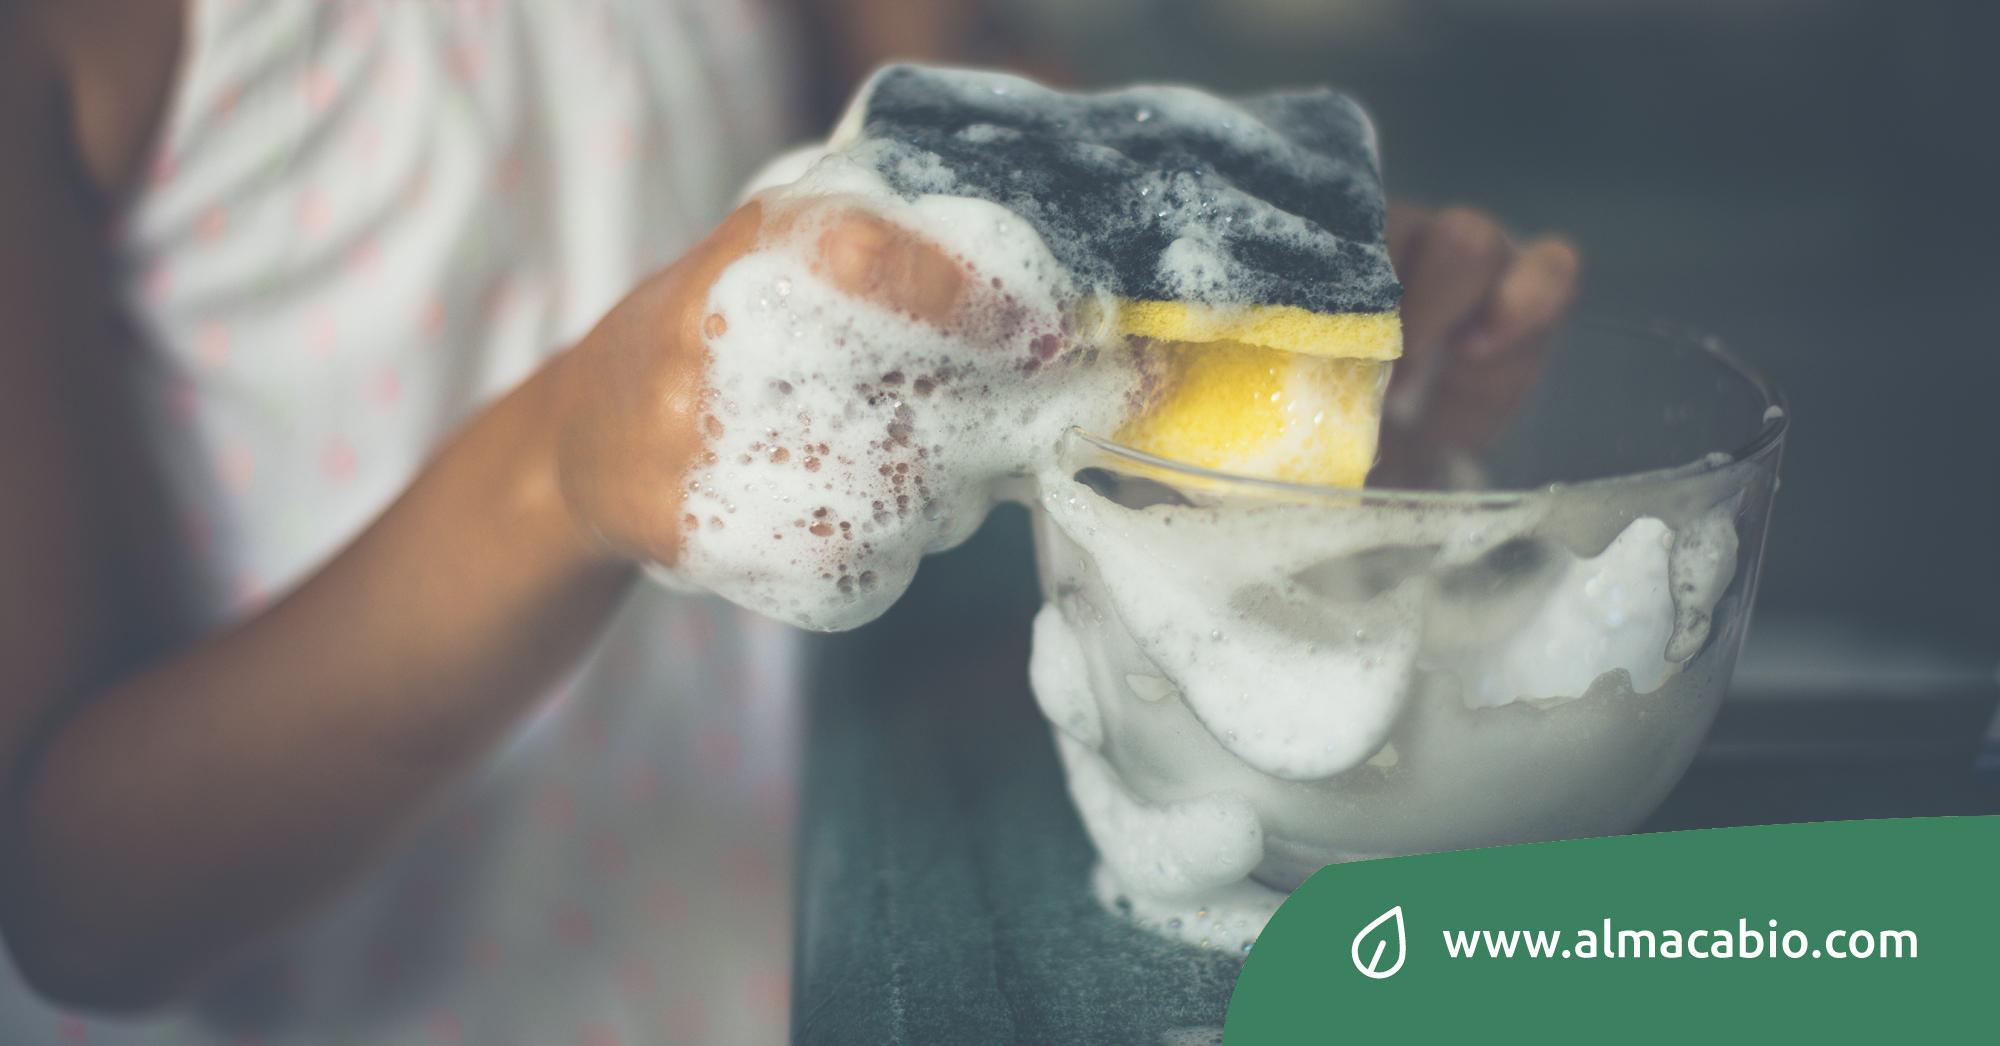 Sappiamo riconoscere i detergenti delicati per la nostra pelle?